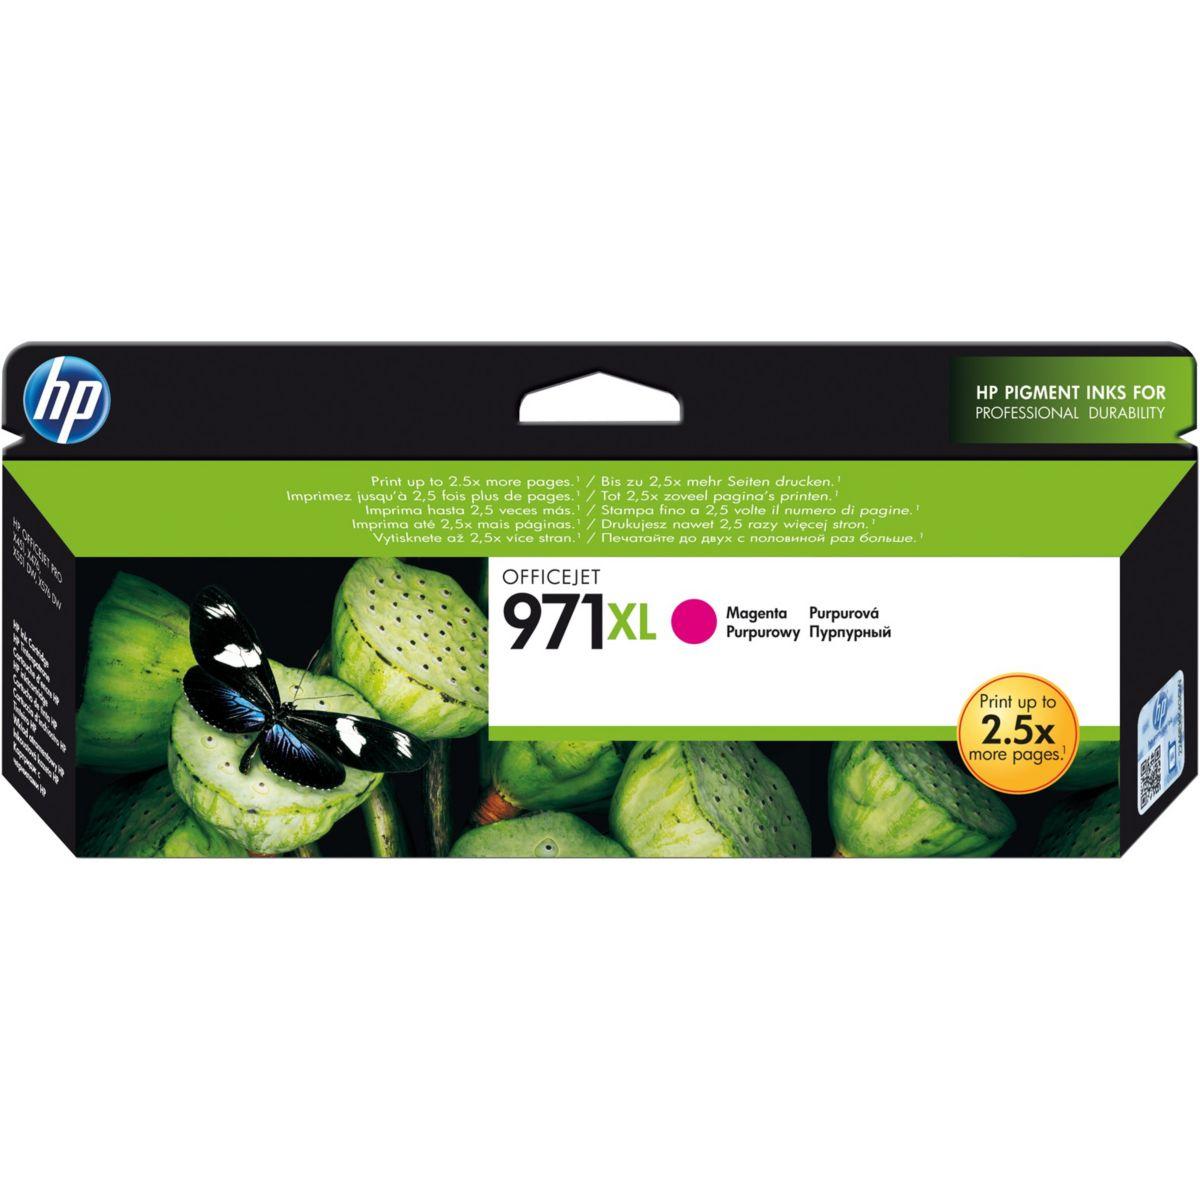 Cartouche HP 971XL Magenta